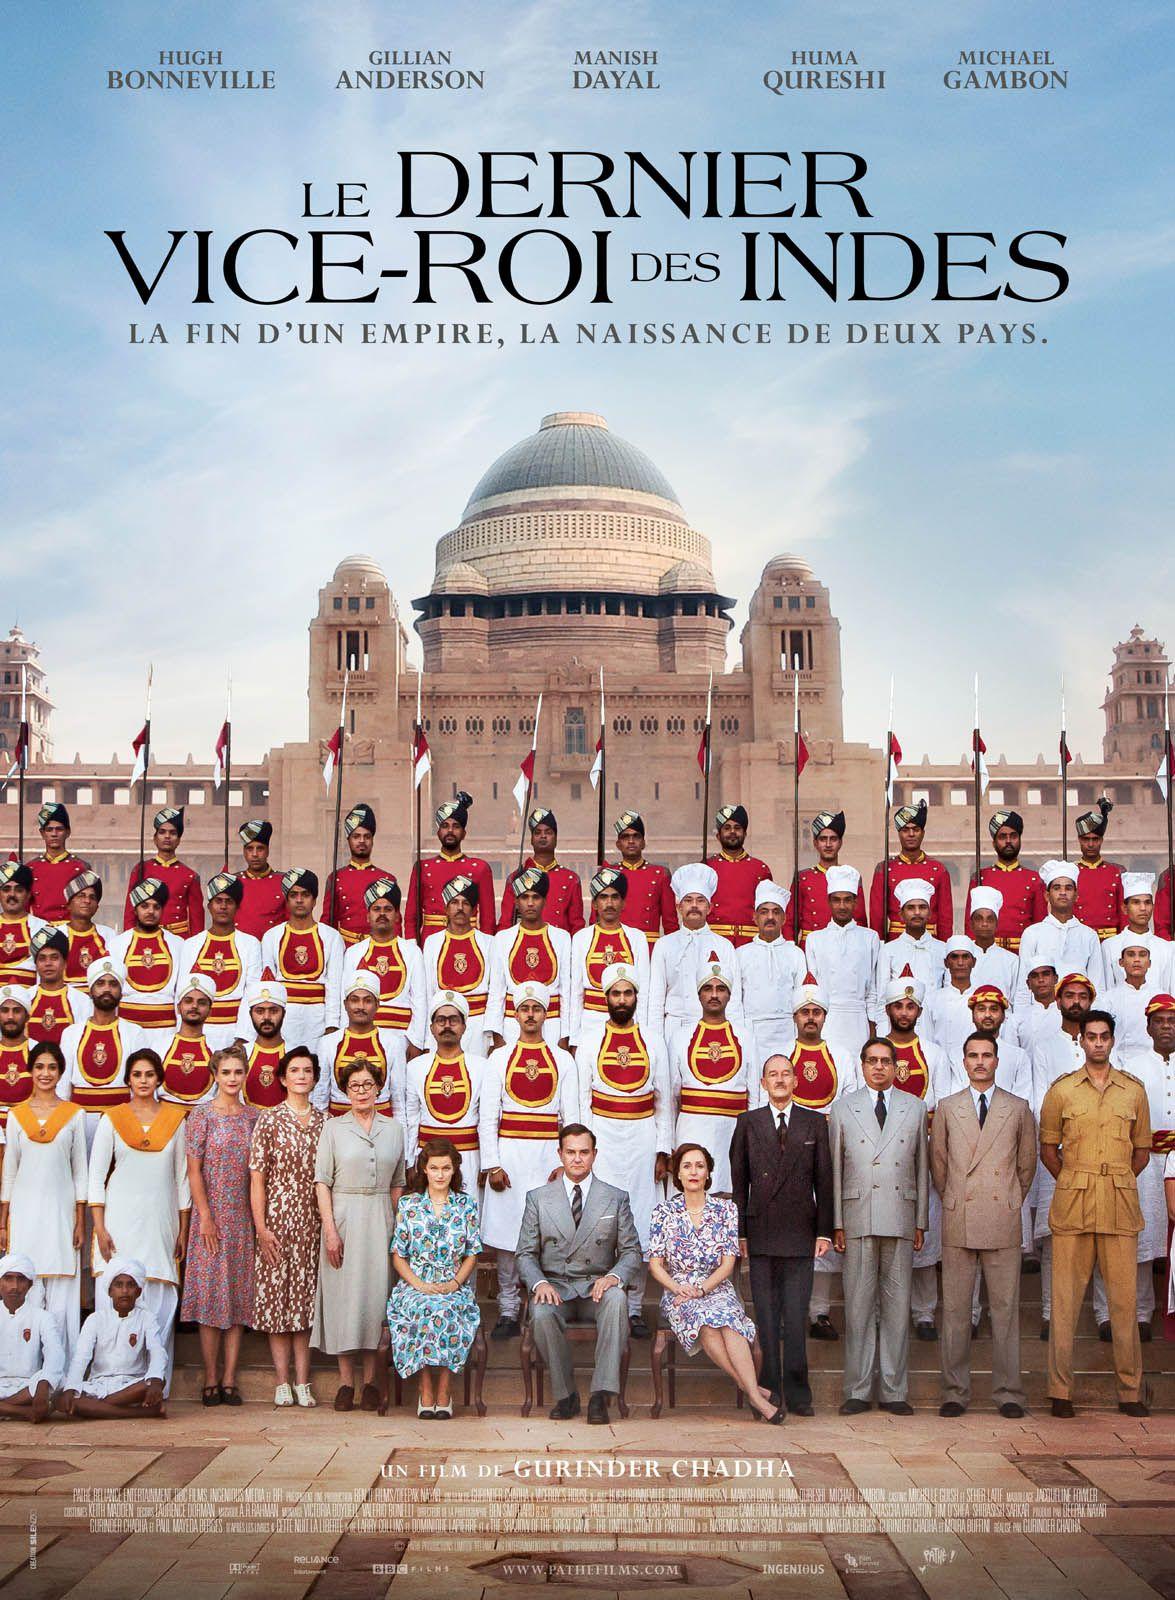 Le Dernier Vice-Roi des Indes - Film (2017)